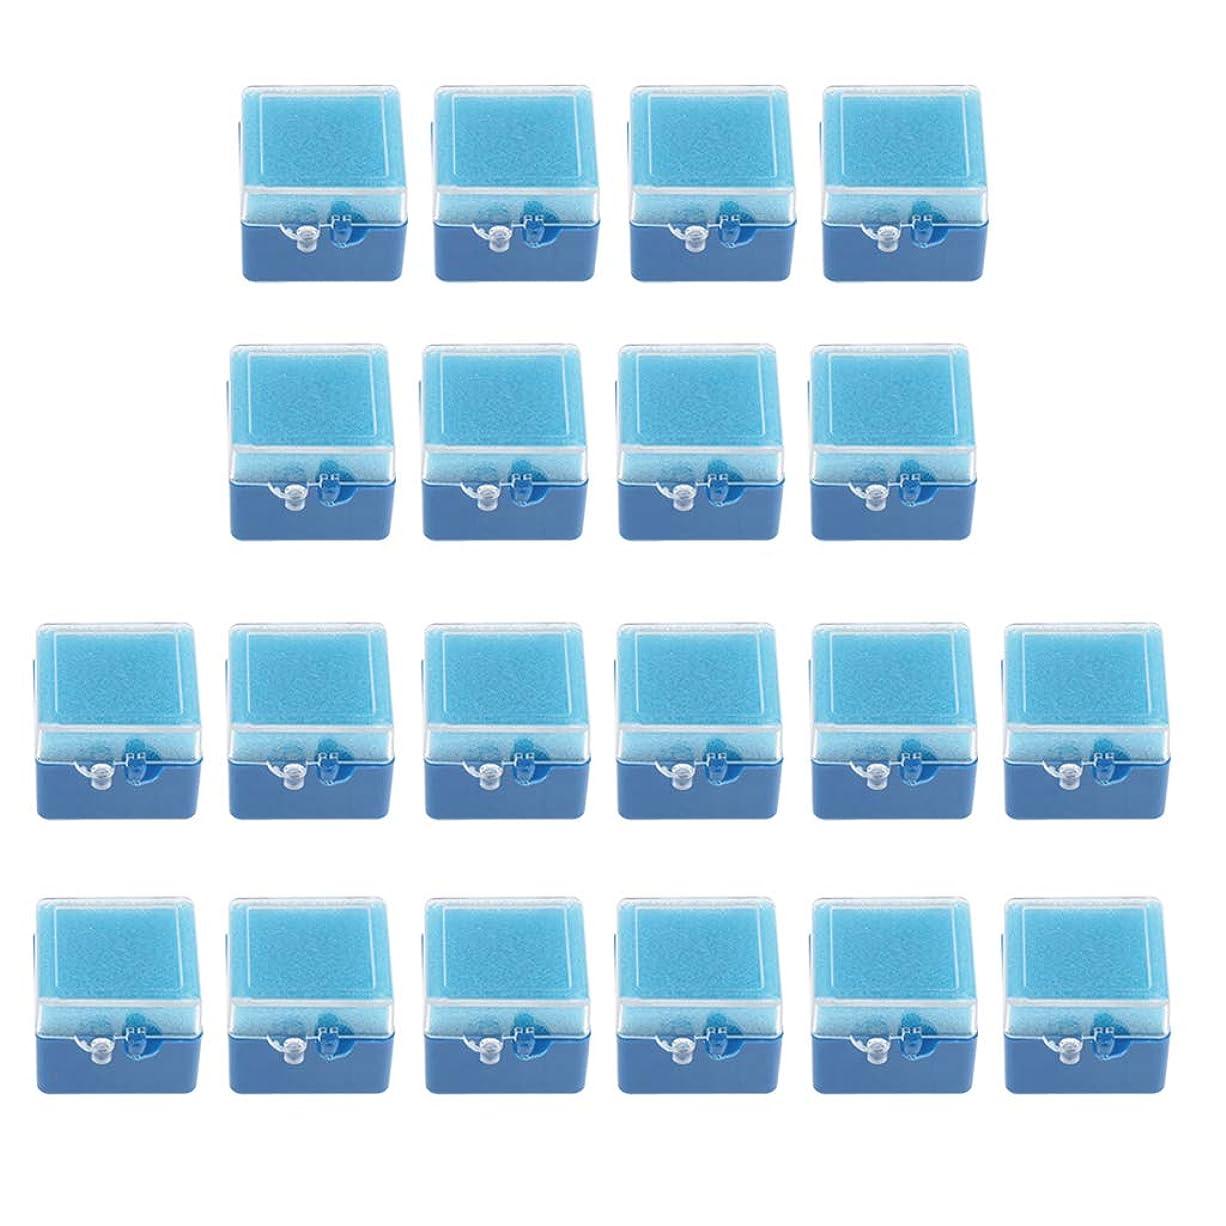 免除ボタン憂慮すべきPerfeclan 約20個 マウスガードケース 義歯収納容器 歯収納ケース リテーナーボックス 2タイプ選べ - 青